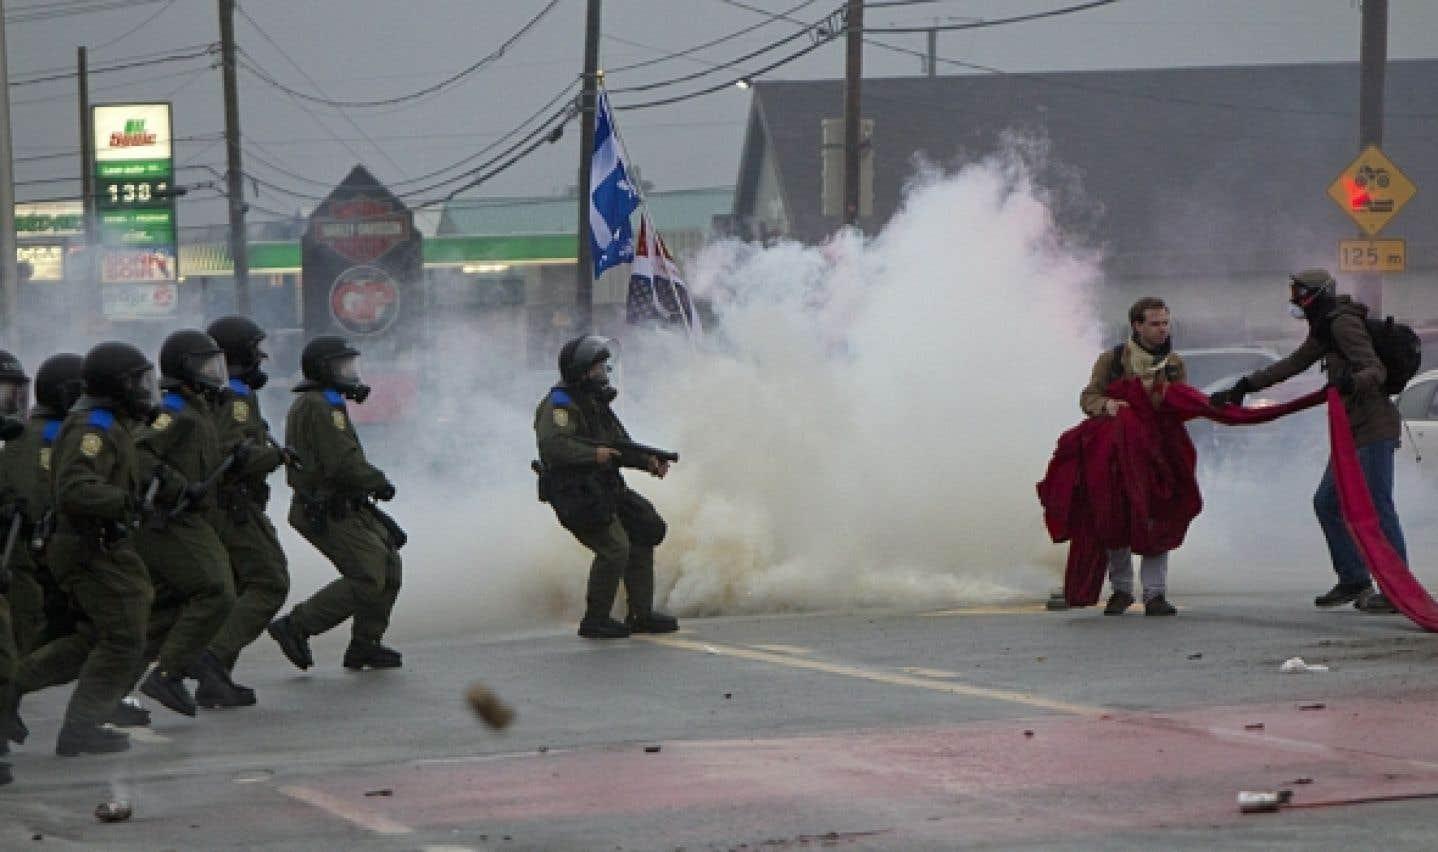 Manifestation à Victoriaville: 10 blessés, dont un entre la vie et la mort